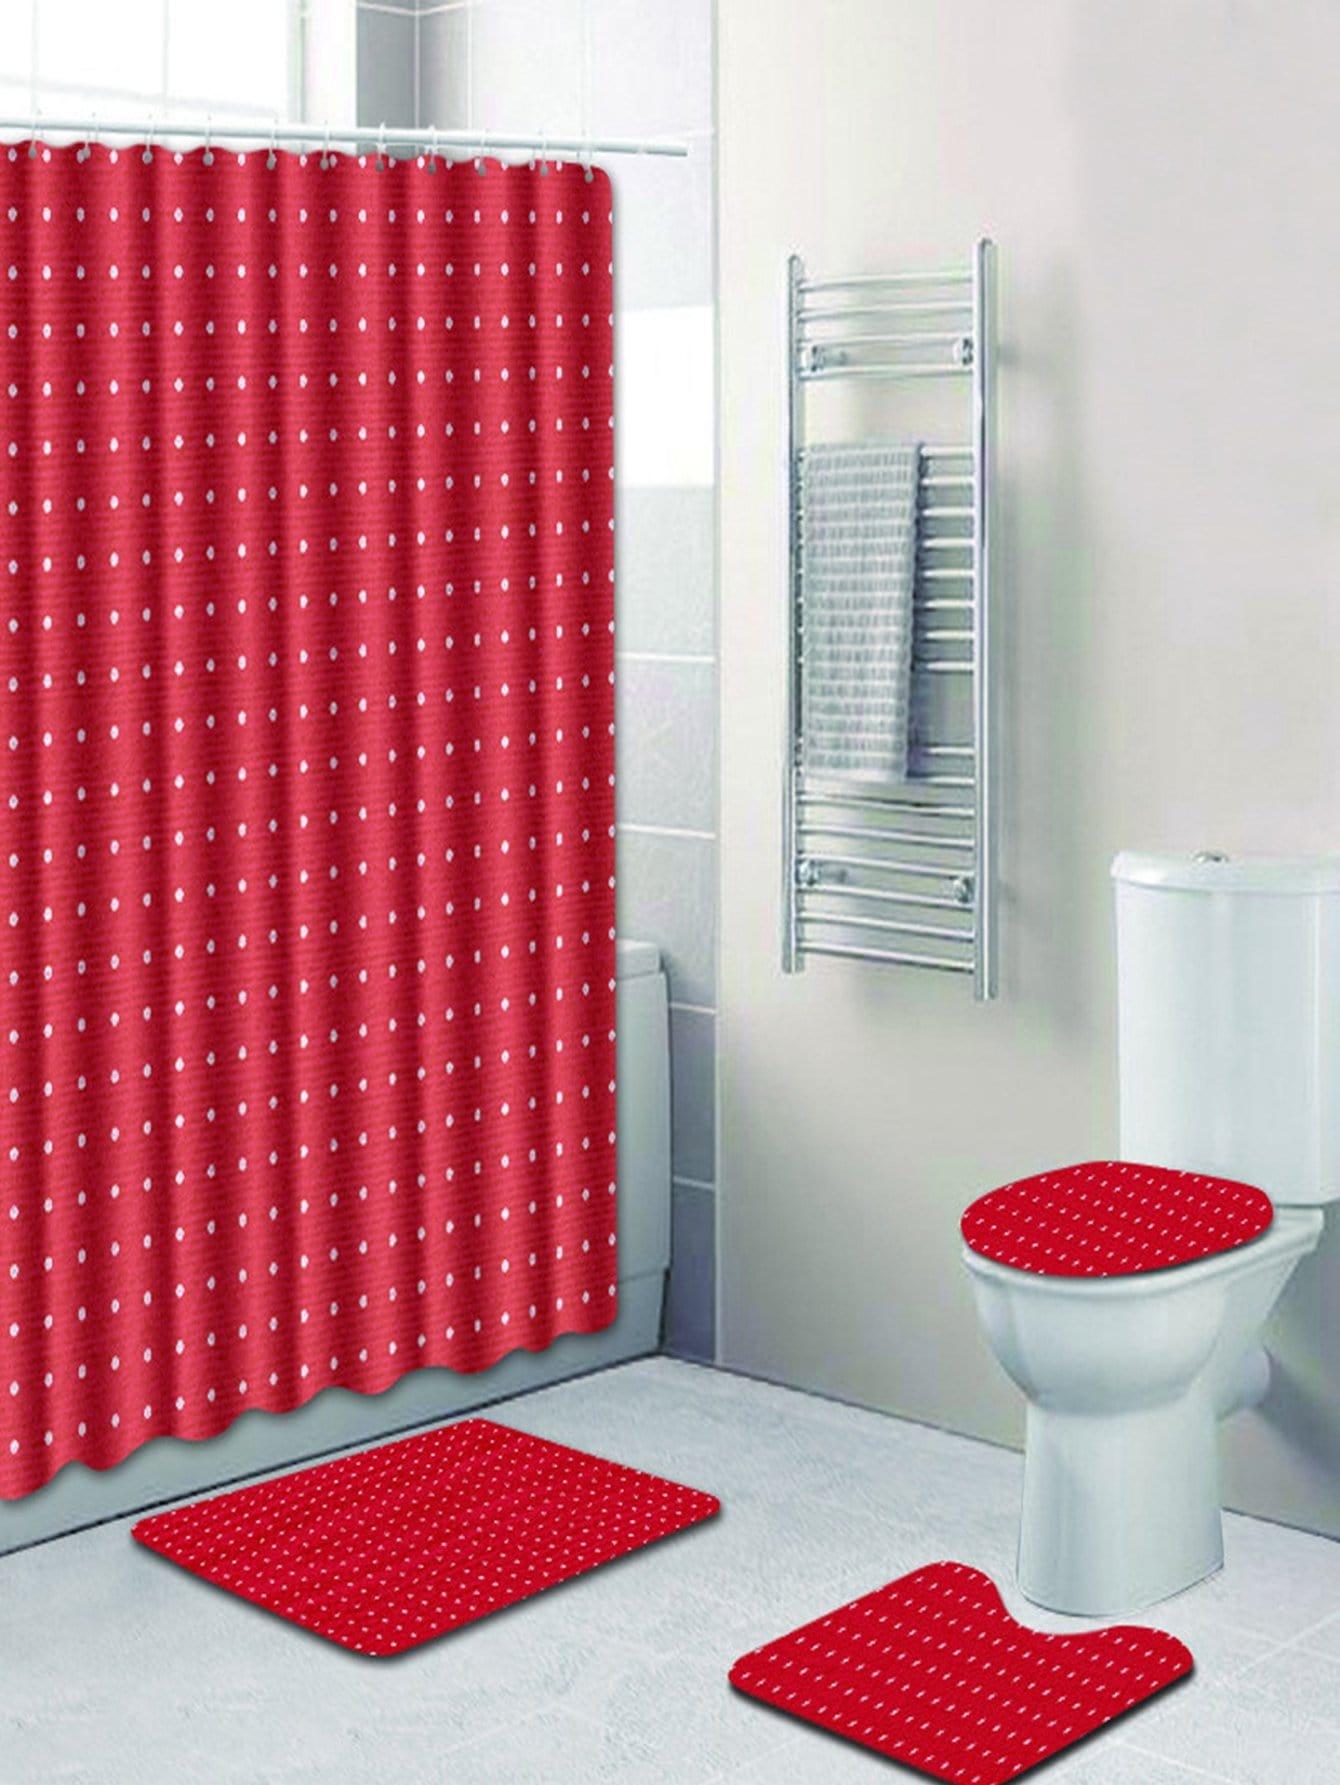 Купить 12 крючков душ шторы и ковер 3шт.в горошек, null, SheIn